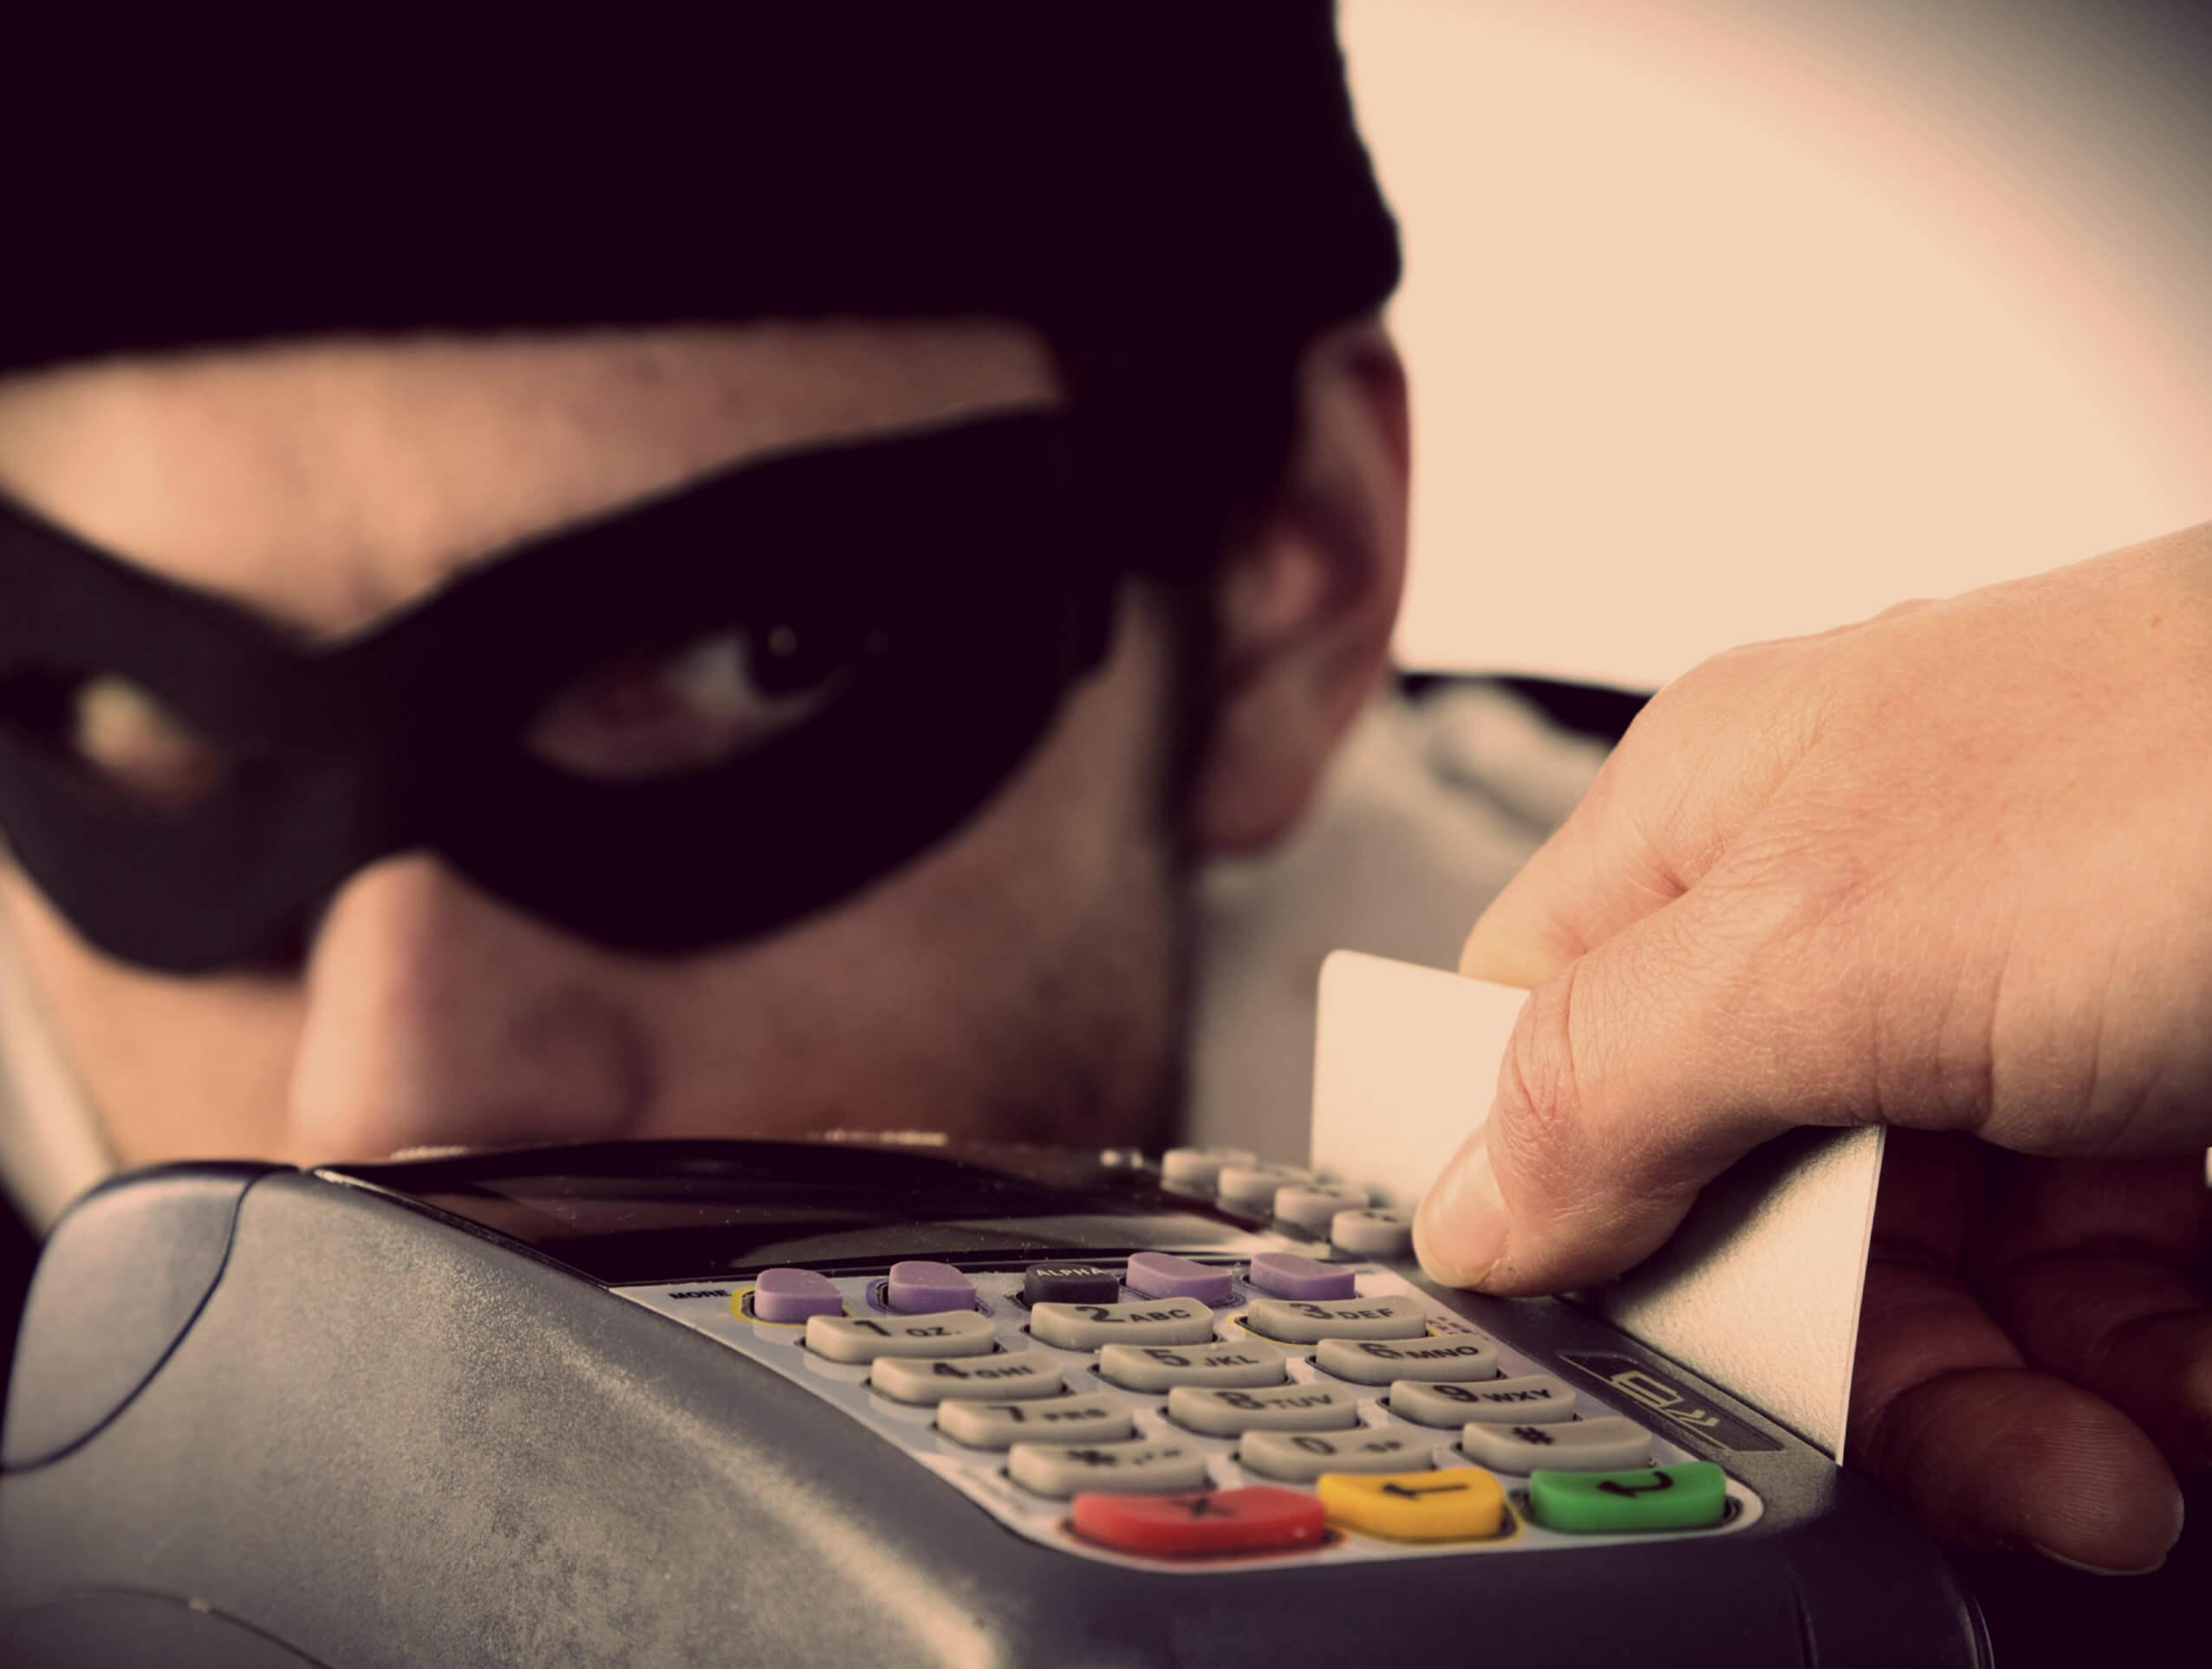 Уголовная ответственность за мошенничество: отягощающие и смягчающие обстоятельства